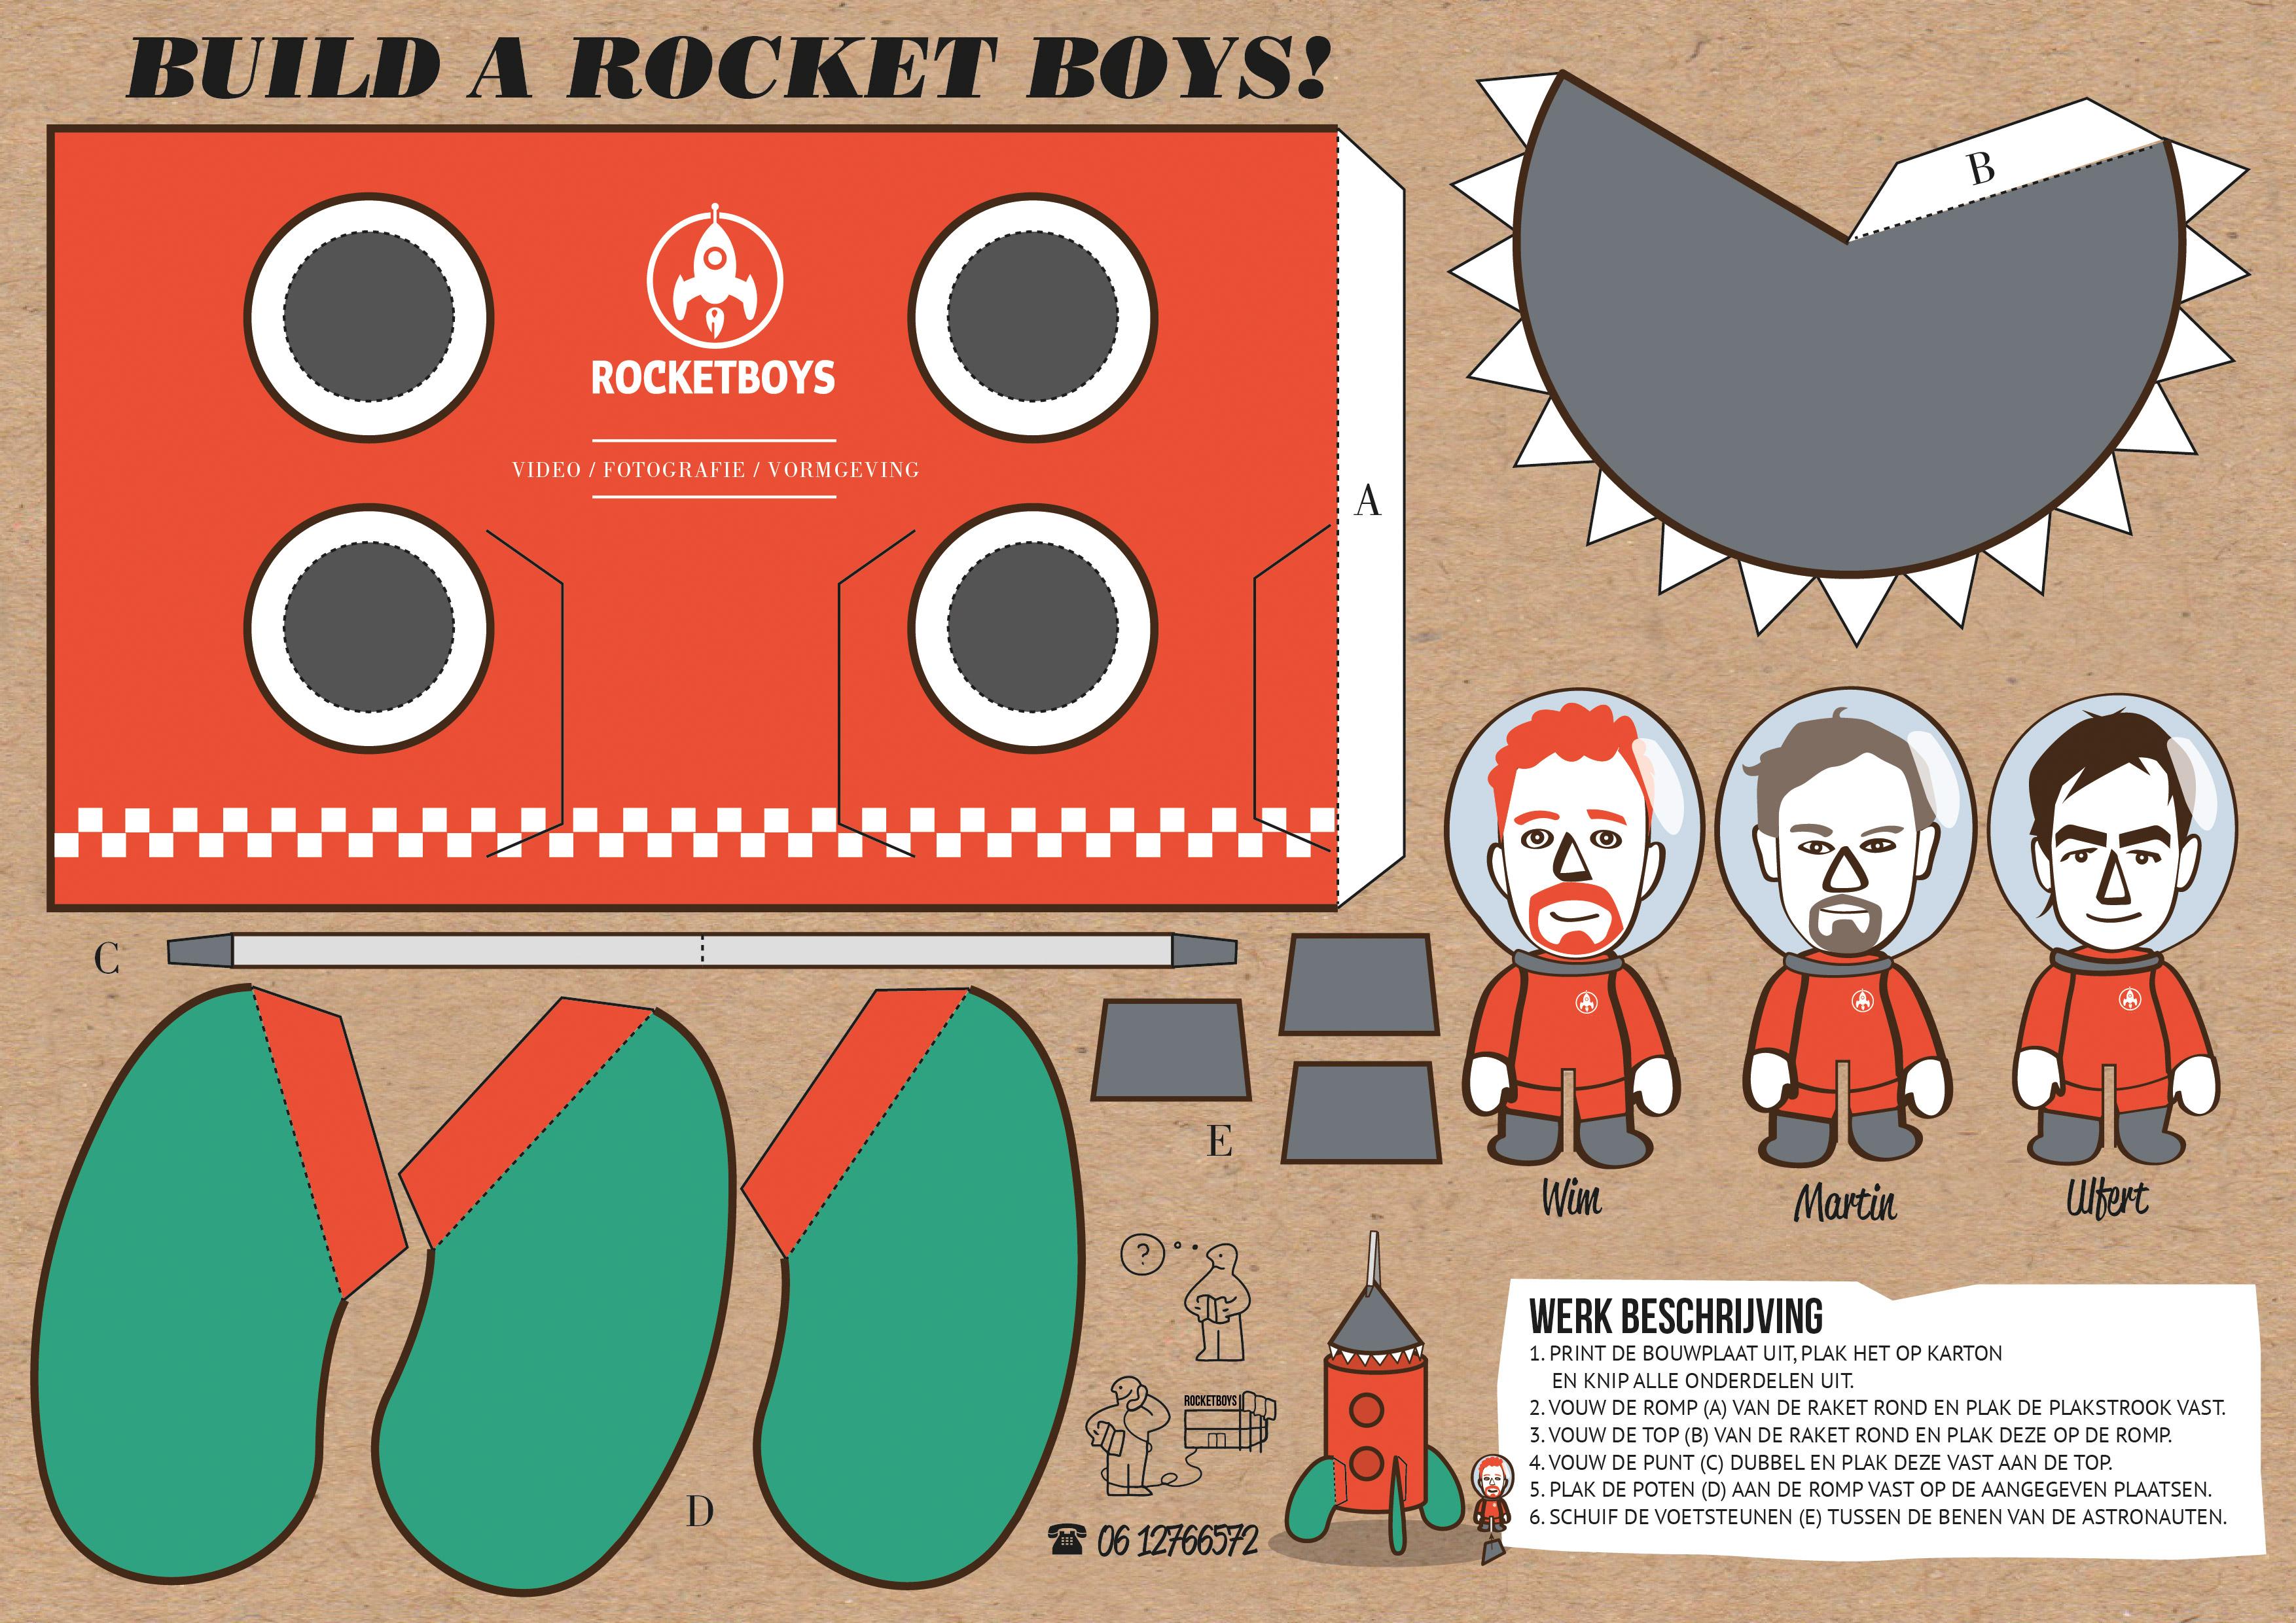 Rocketboys-Bouwplaat-raket